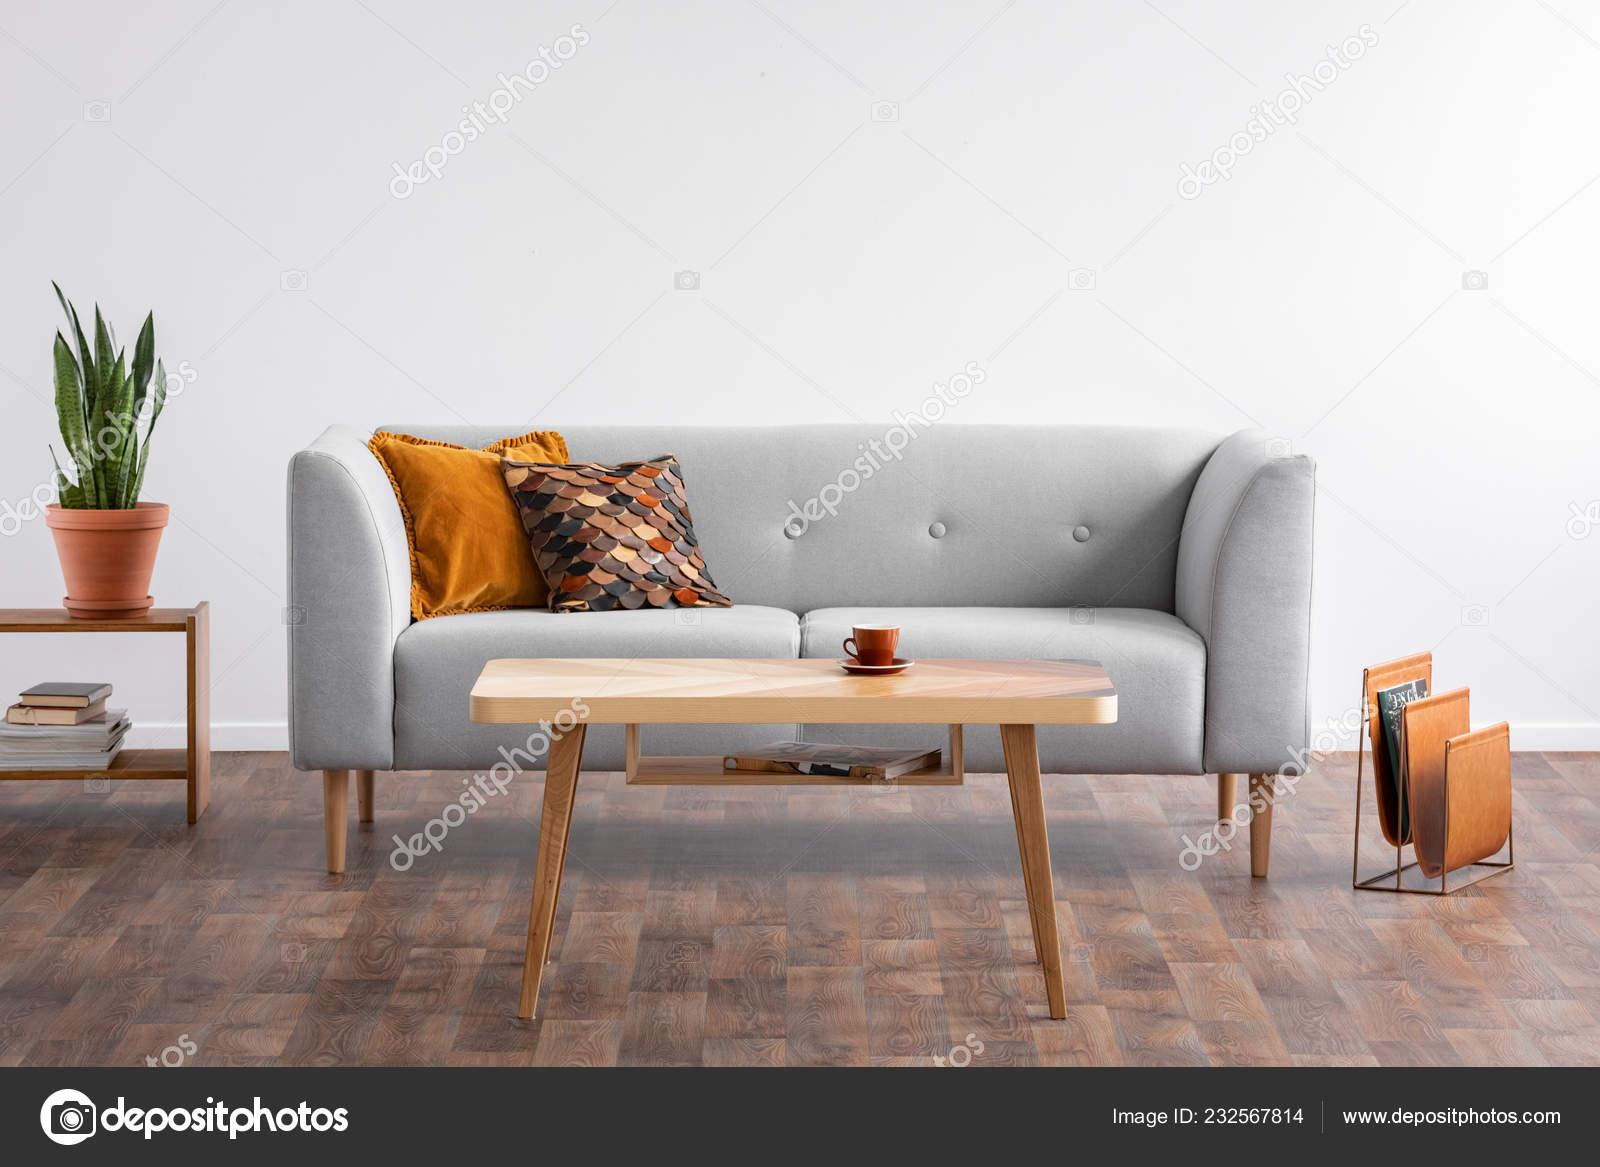 Table Basse Bois Coeur Elegant Salon Avec Canape Gris Porte